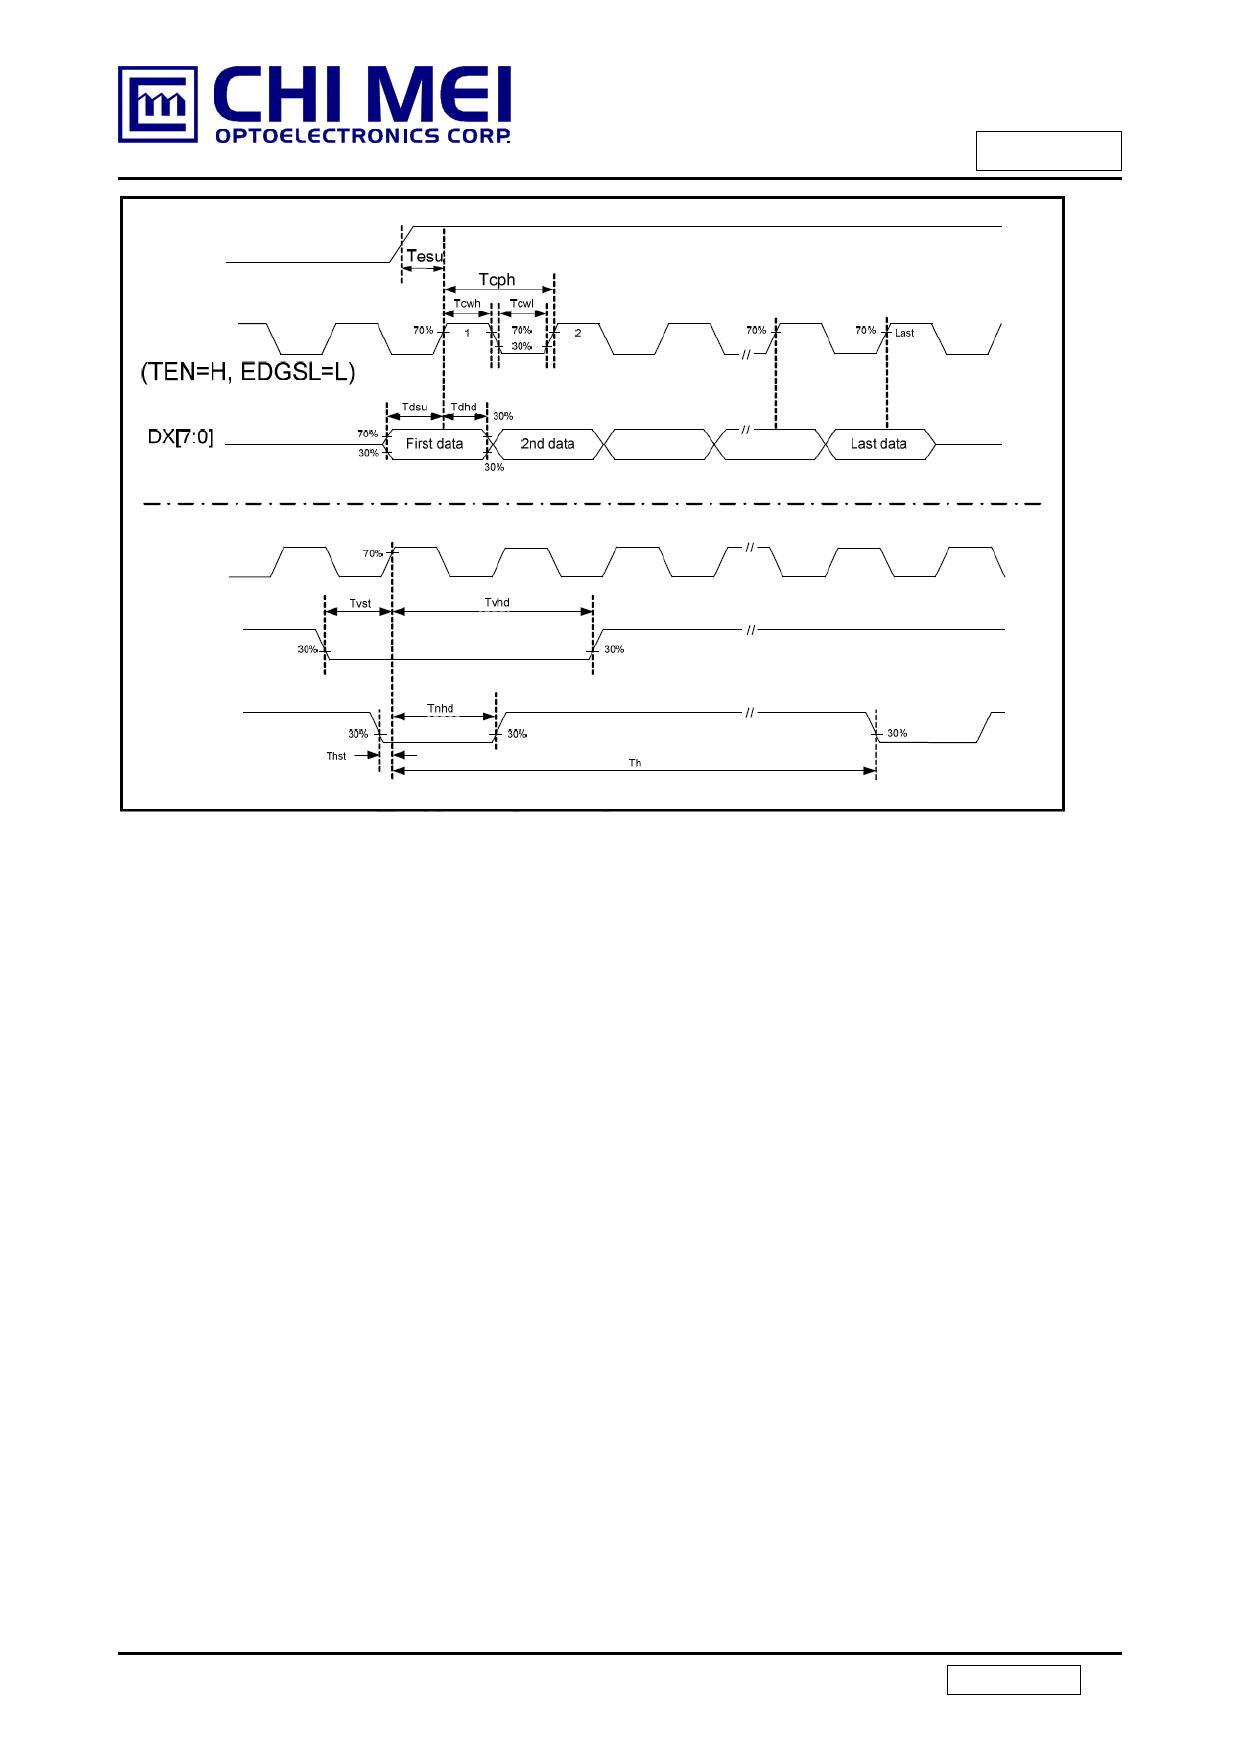 Q05002-601 diode, scr